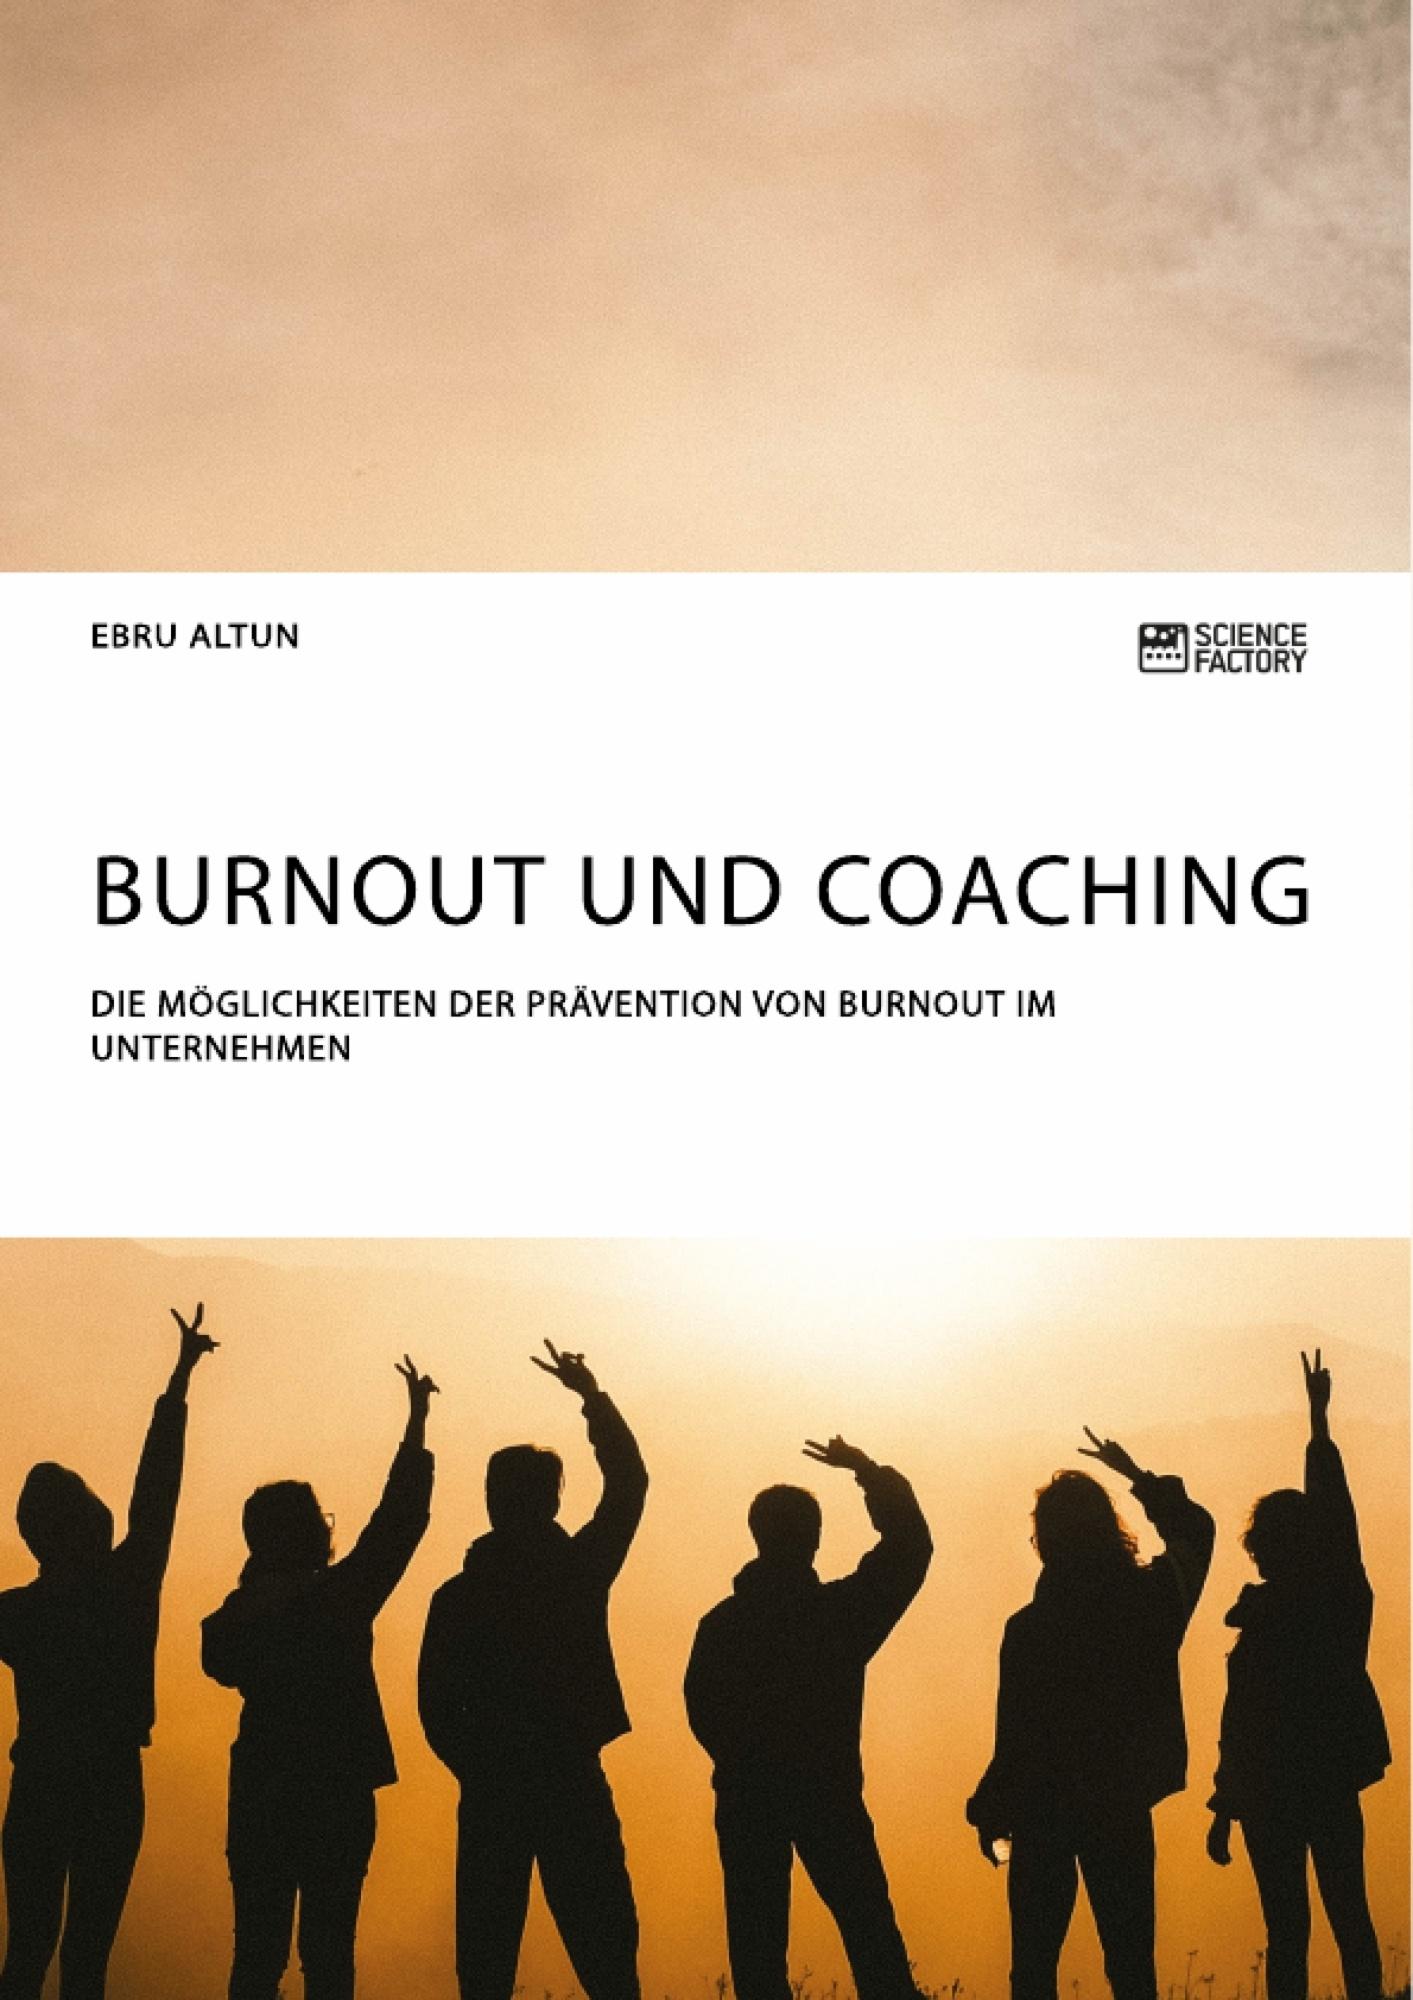 Titel: Burnout und Coaching. Die Möglichkeiten der Prävention von Burnout im Unternehmen